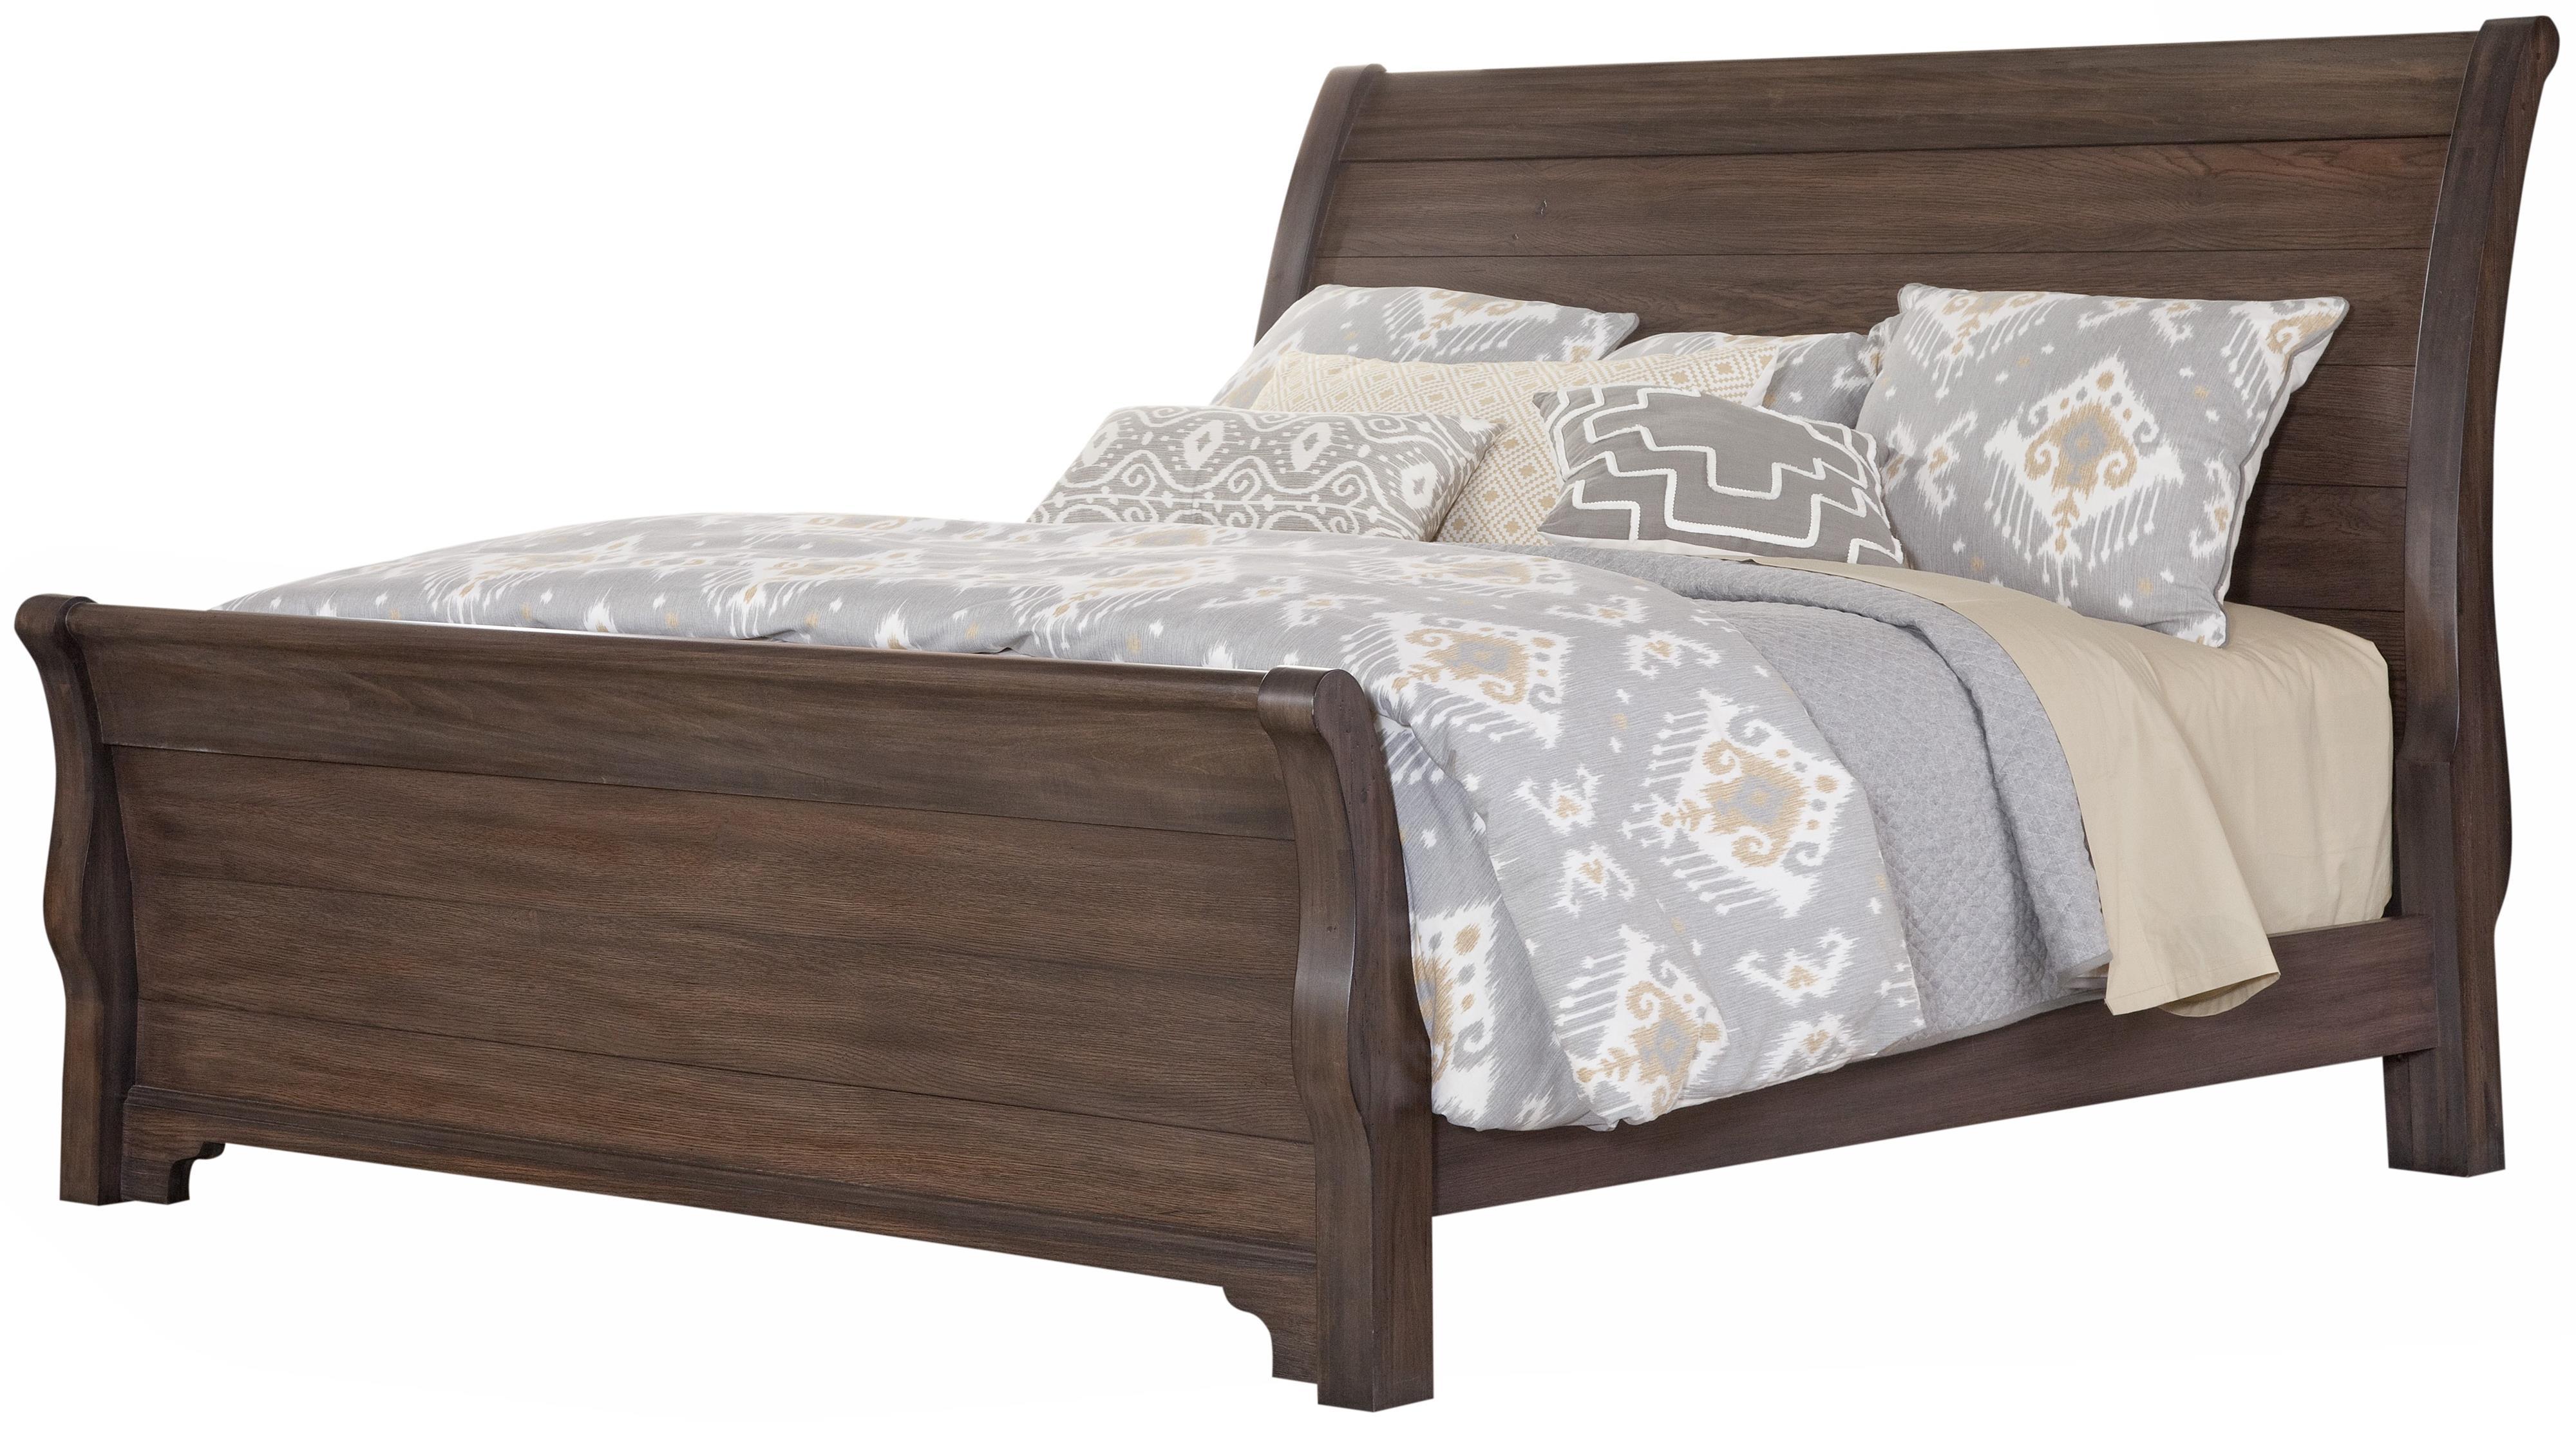 Whiskey Barrel Queen Sleigh Bed by Vaughan Bassett at Lapeer Furniture & Mattress Center